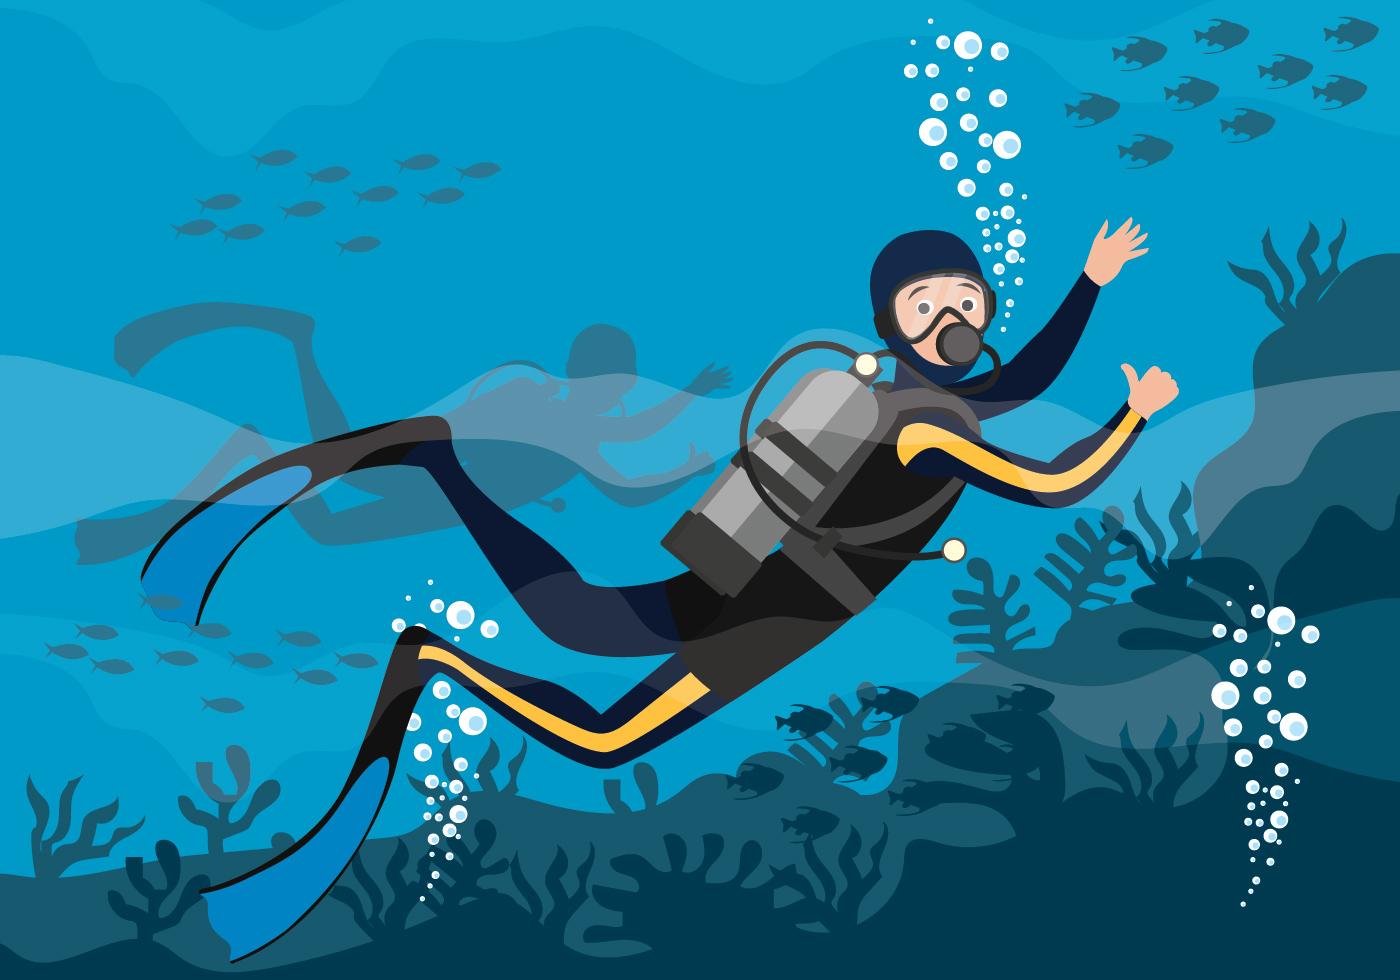 Scuba Diving Vector Illustration - Download Free Vectors ...